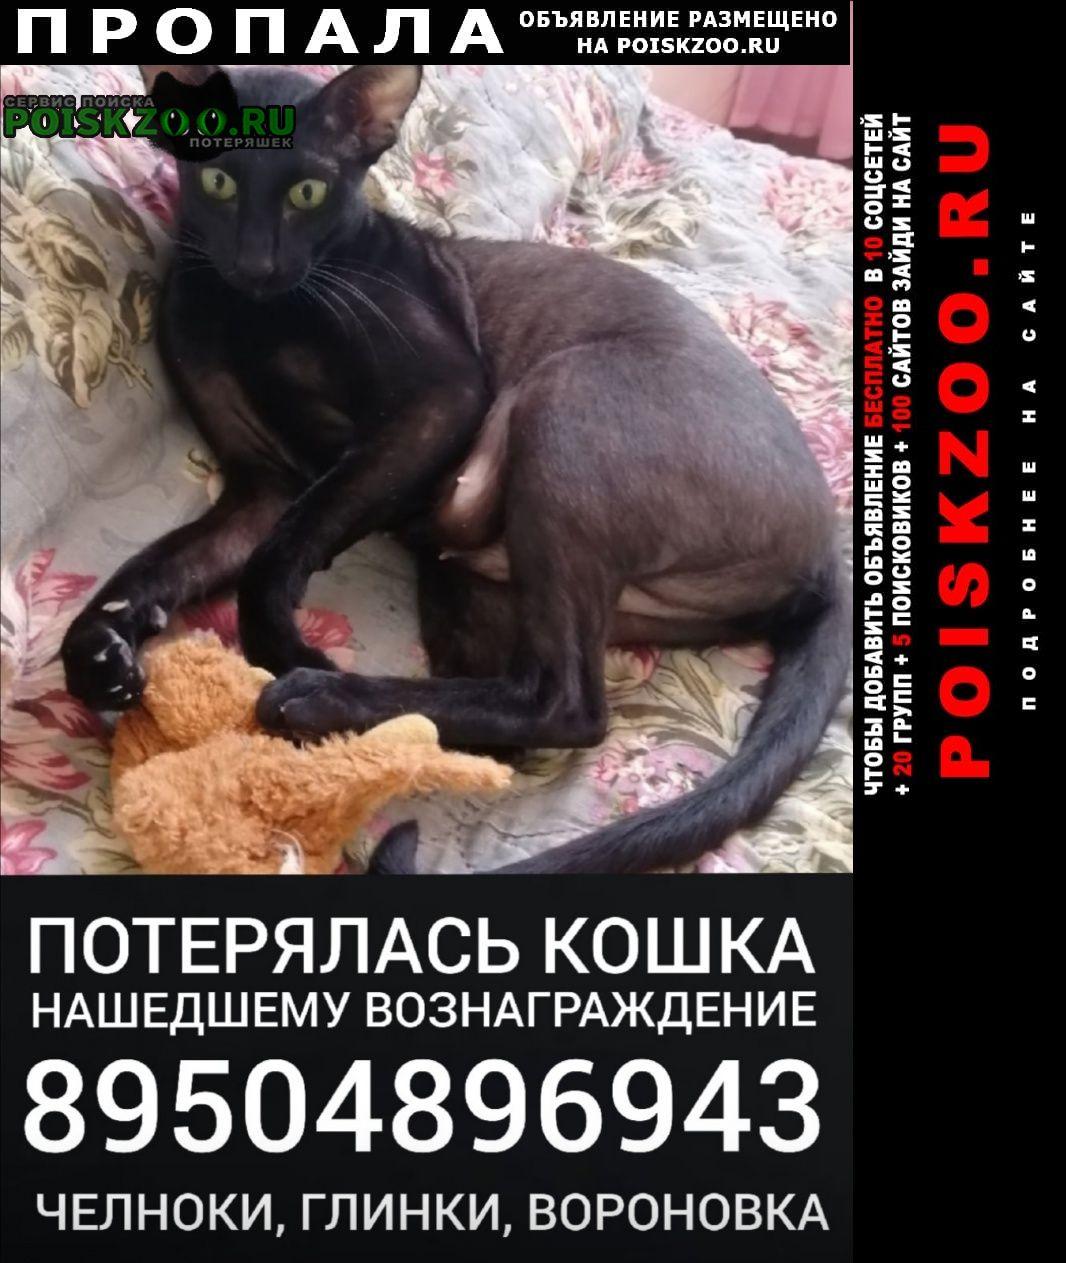 Пропала кошка вонаграждение 30 тыс руб Курган